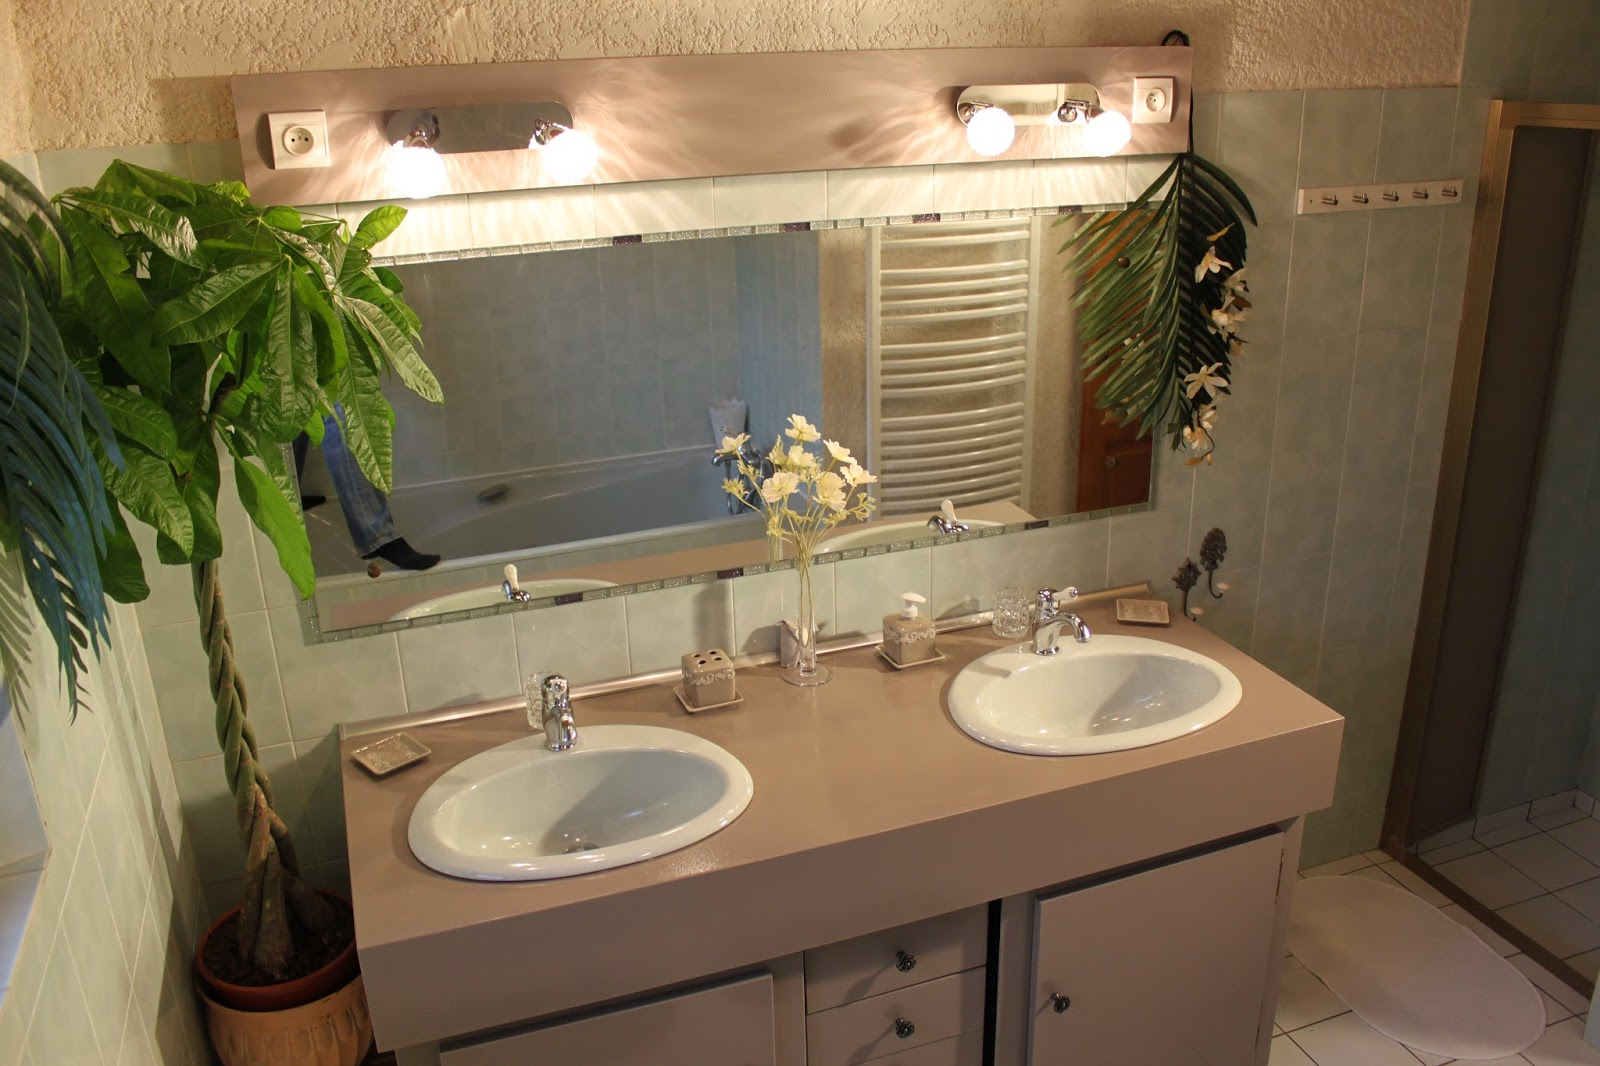 Loc 39 medoc maison de charme parempuyre aux portes du m doc salles de bain lingerie - Lingerie salle de bain ...